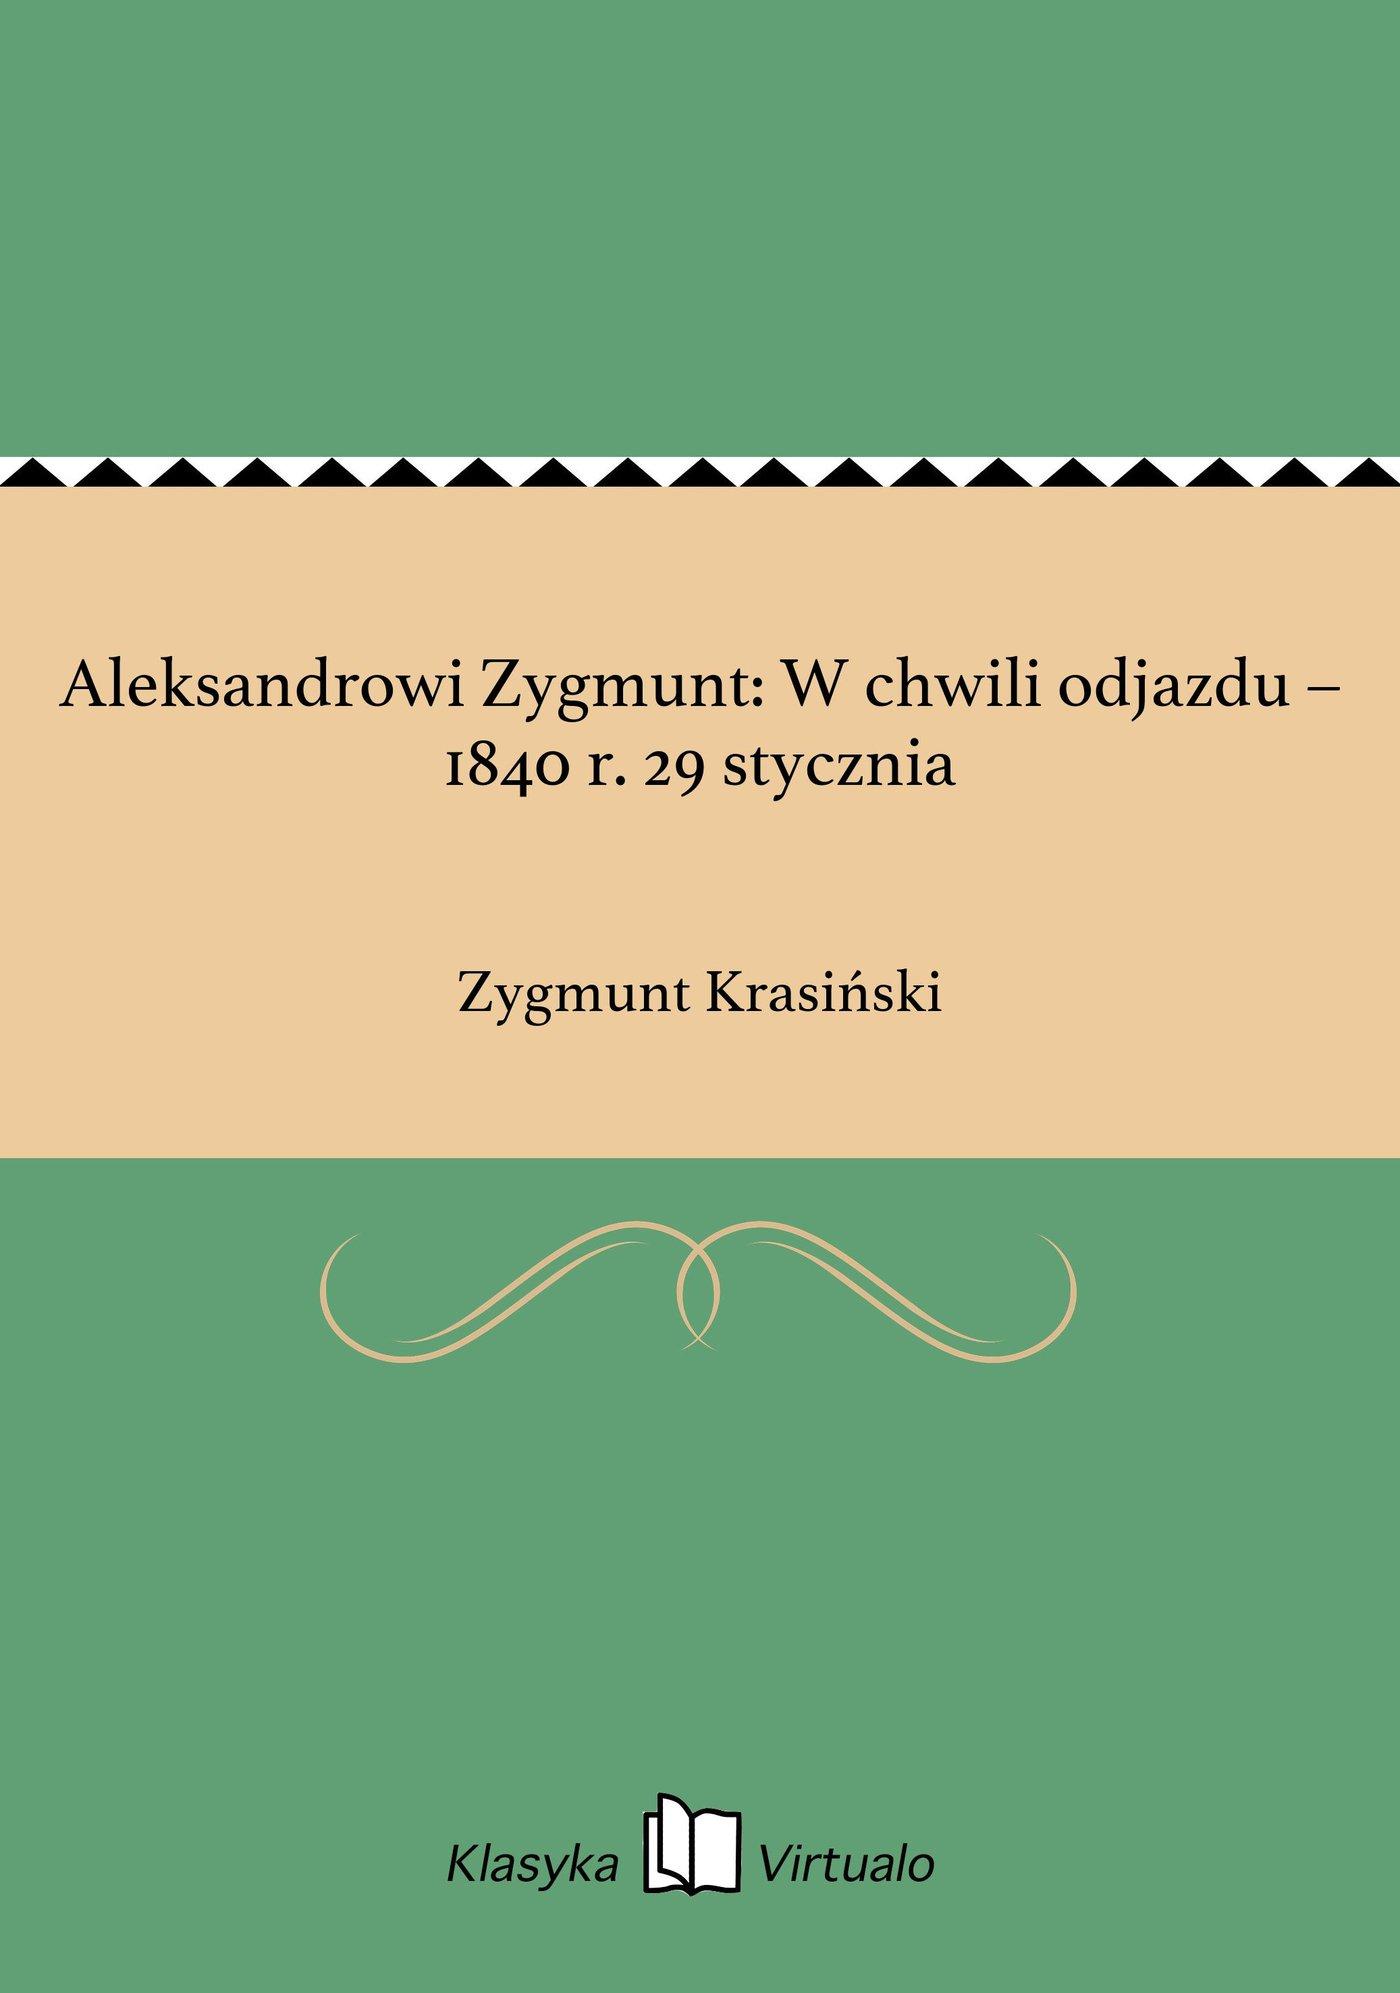 Aleksandrowi Zygmunt: W chwili odjazdu – 1840 r. 29 stycznia - Ebook (Książka EPUB) do pobrania w formacie EPUB